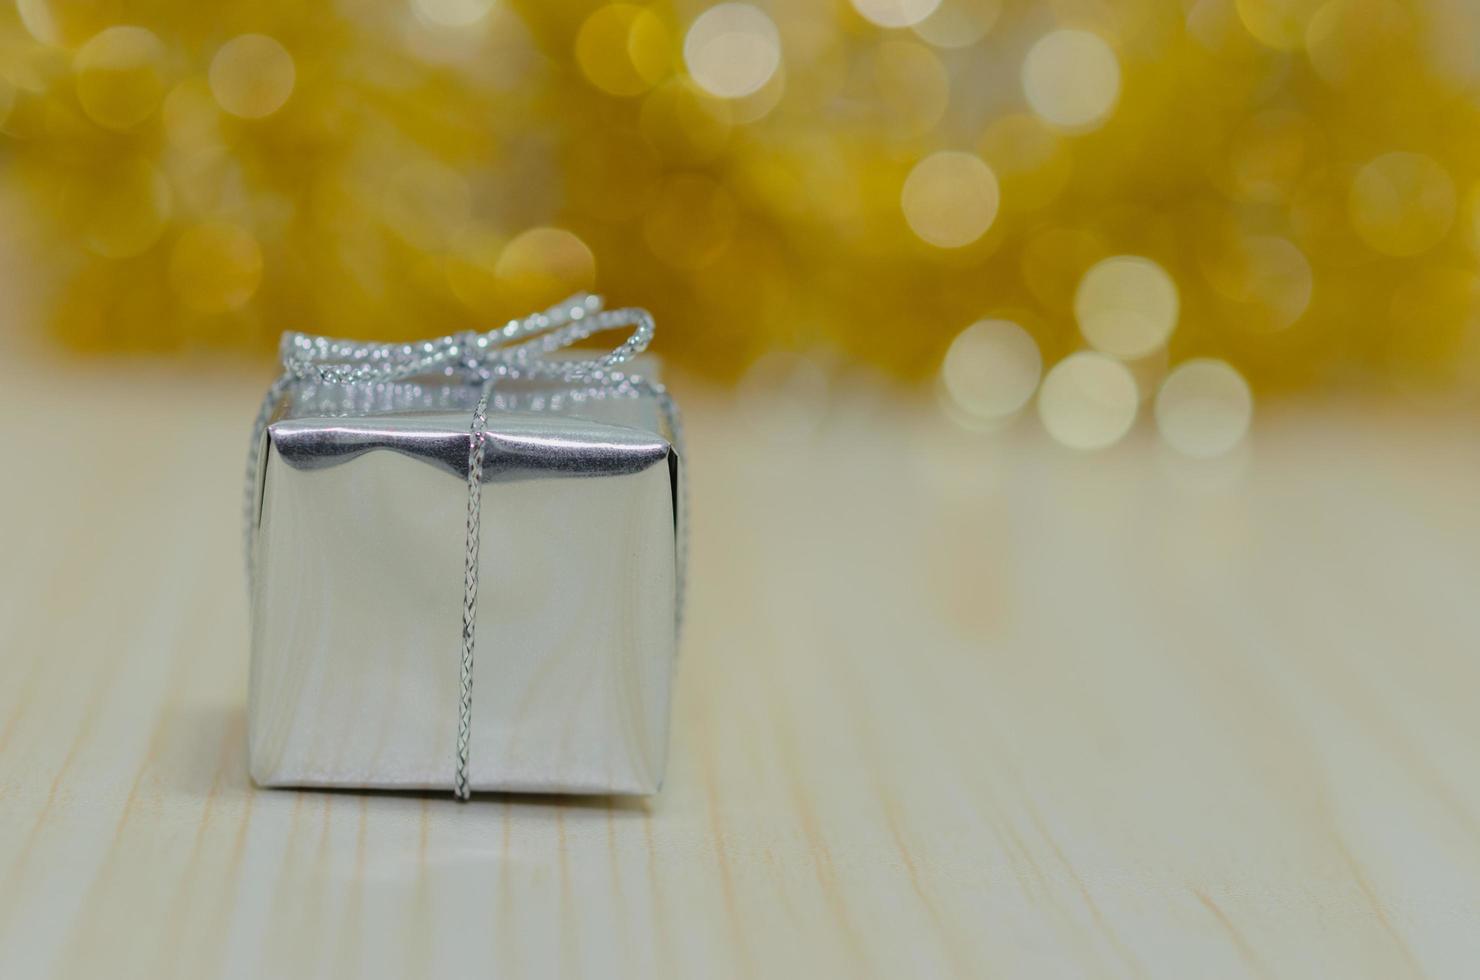 zilveren geschenk tegen een gouden achtergrond foto